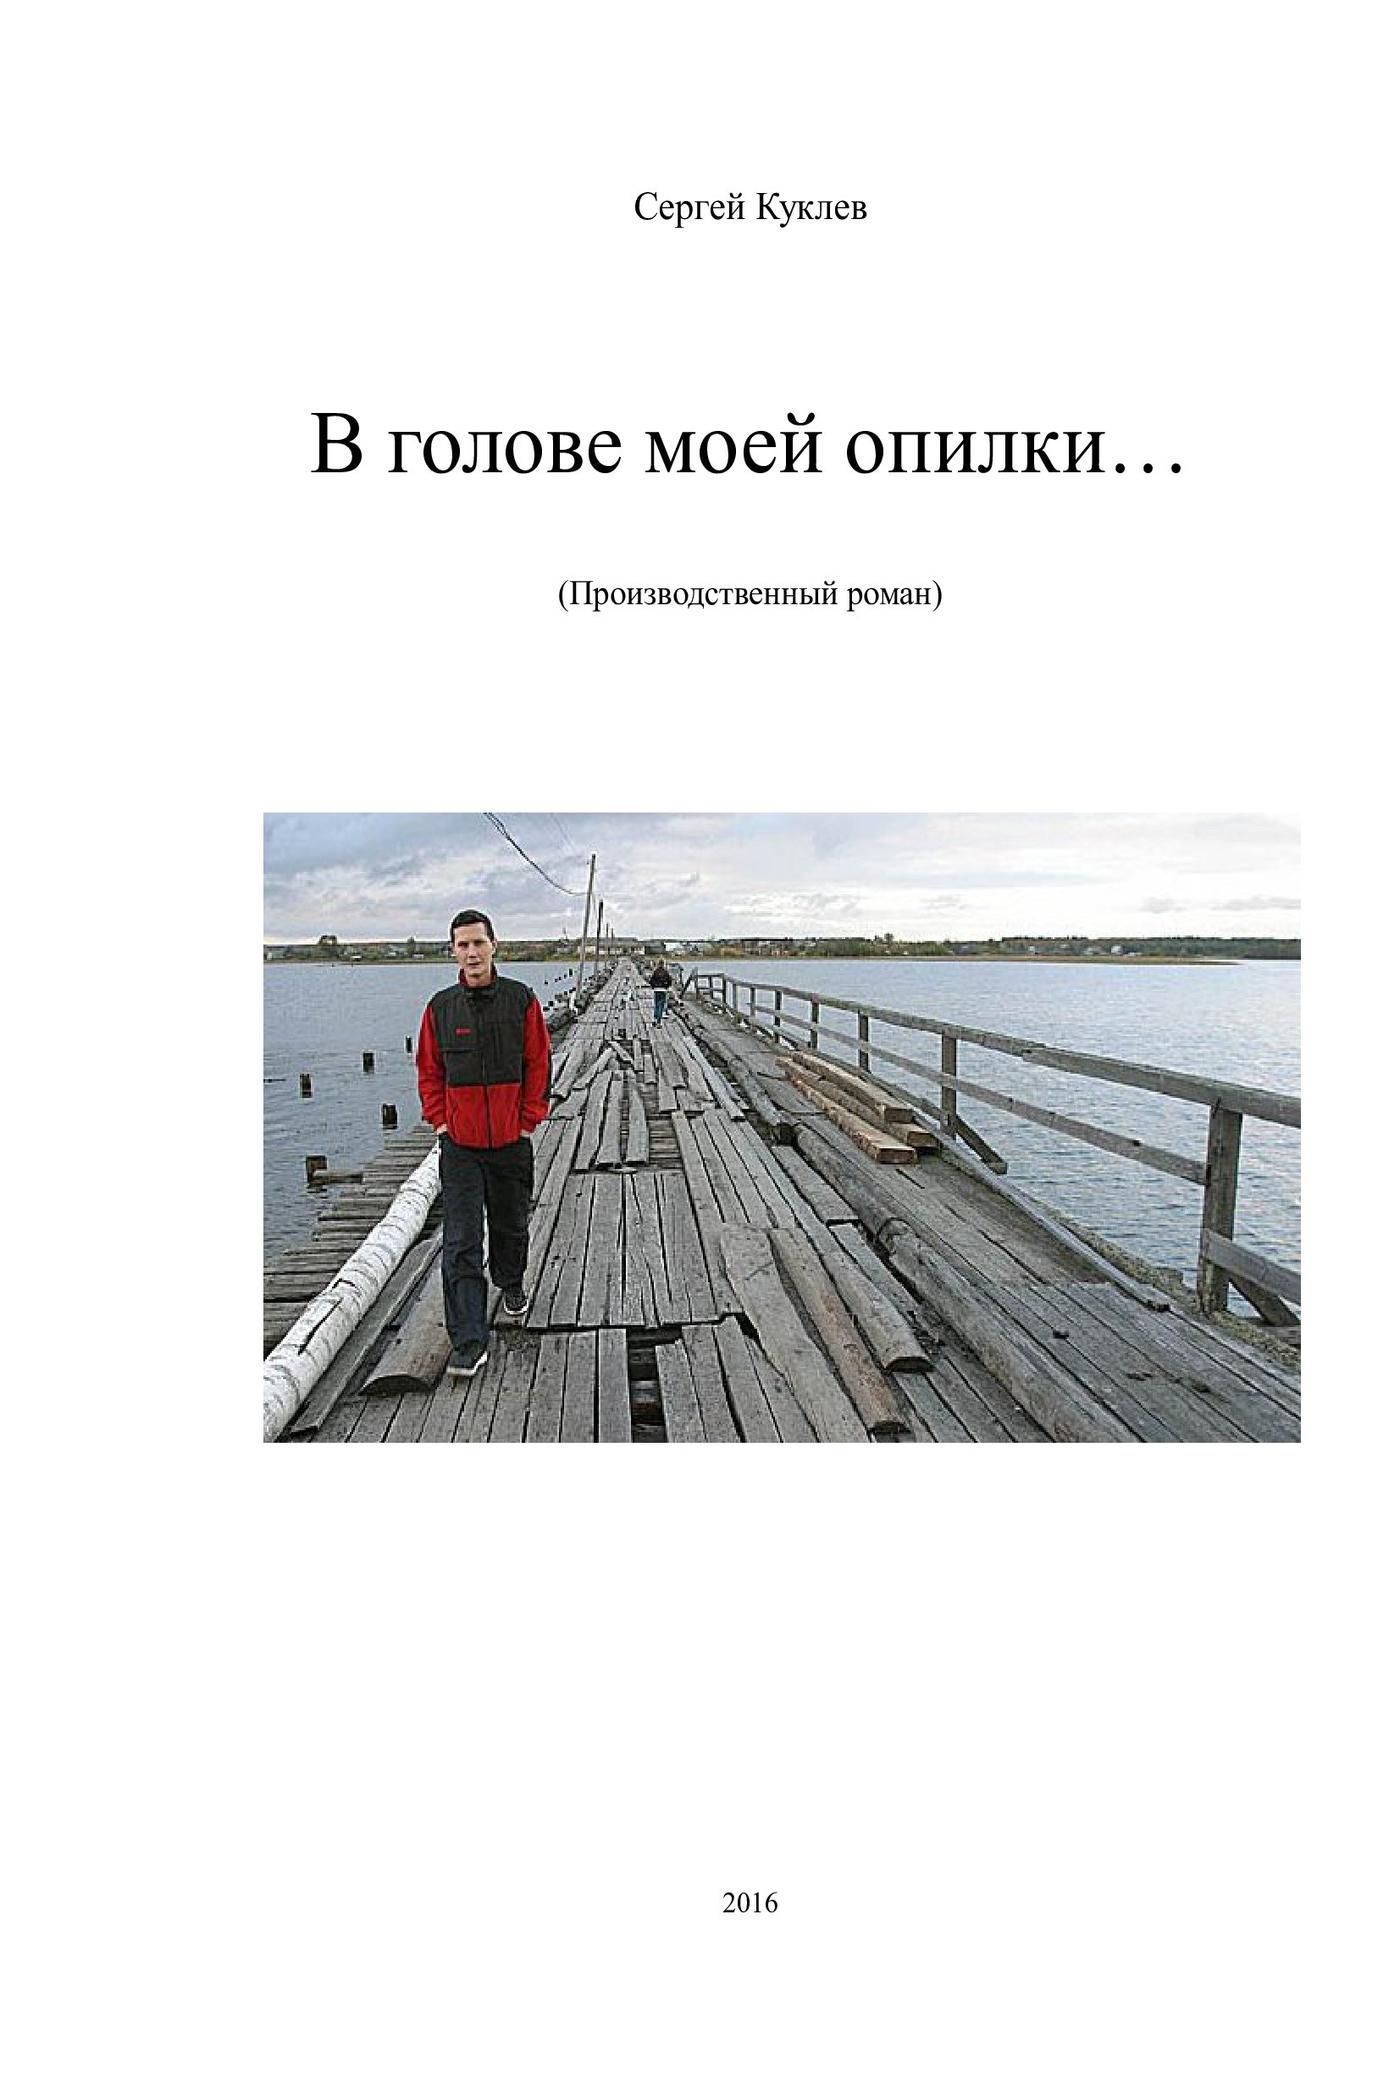 Сергей Куклев «В голове моей опилки…»